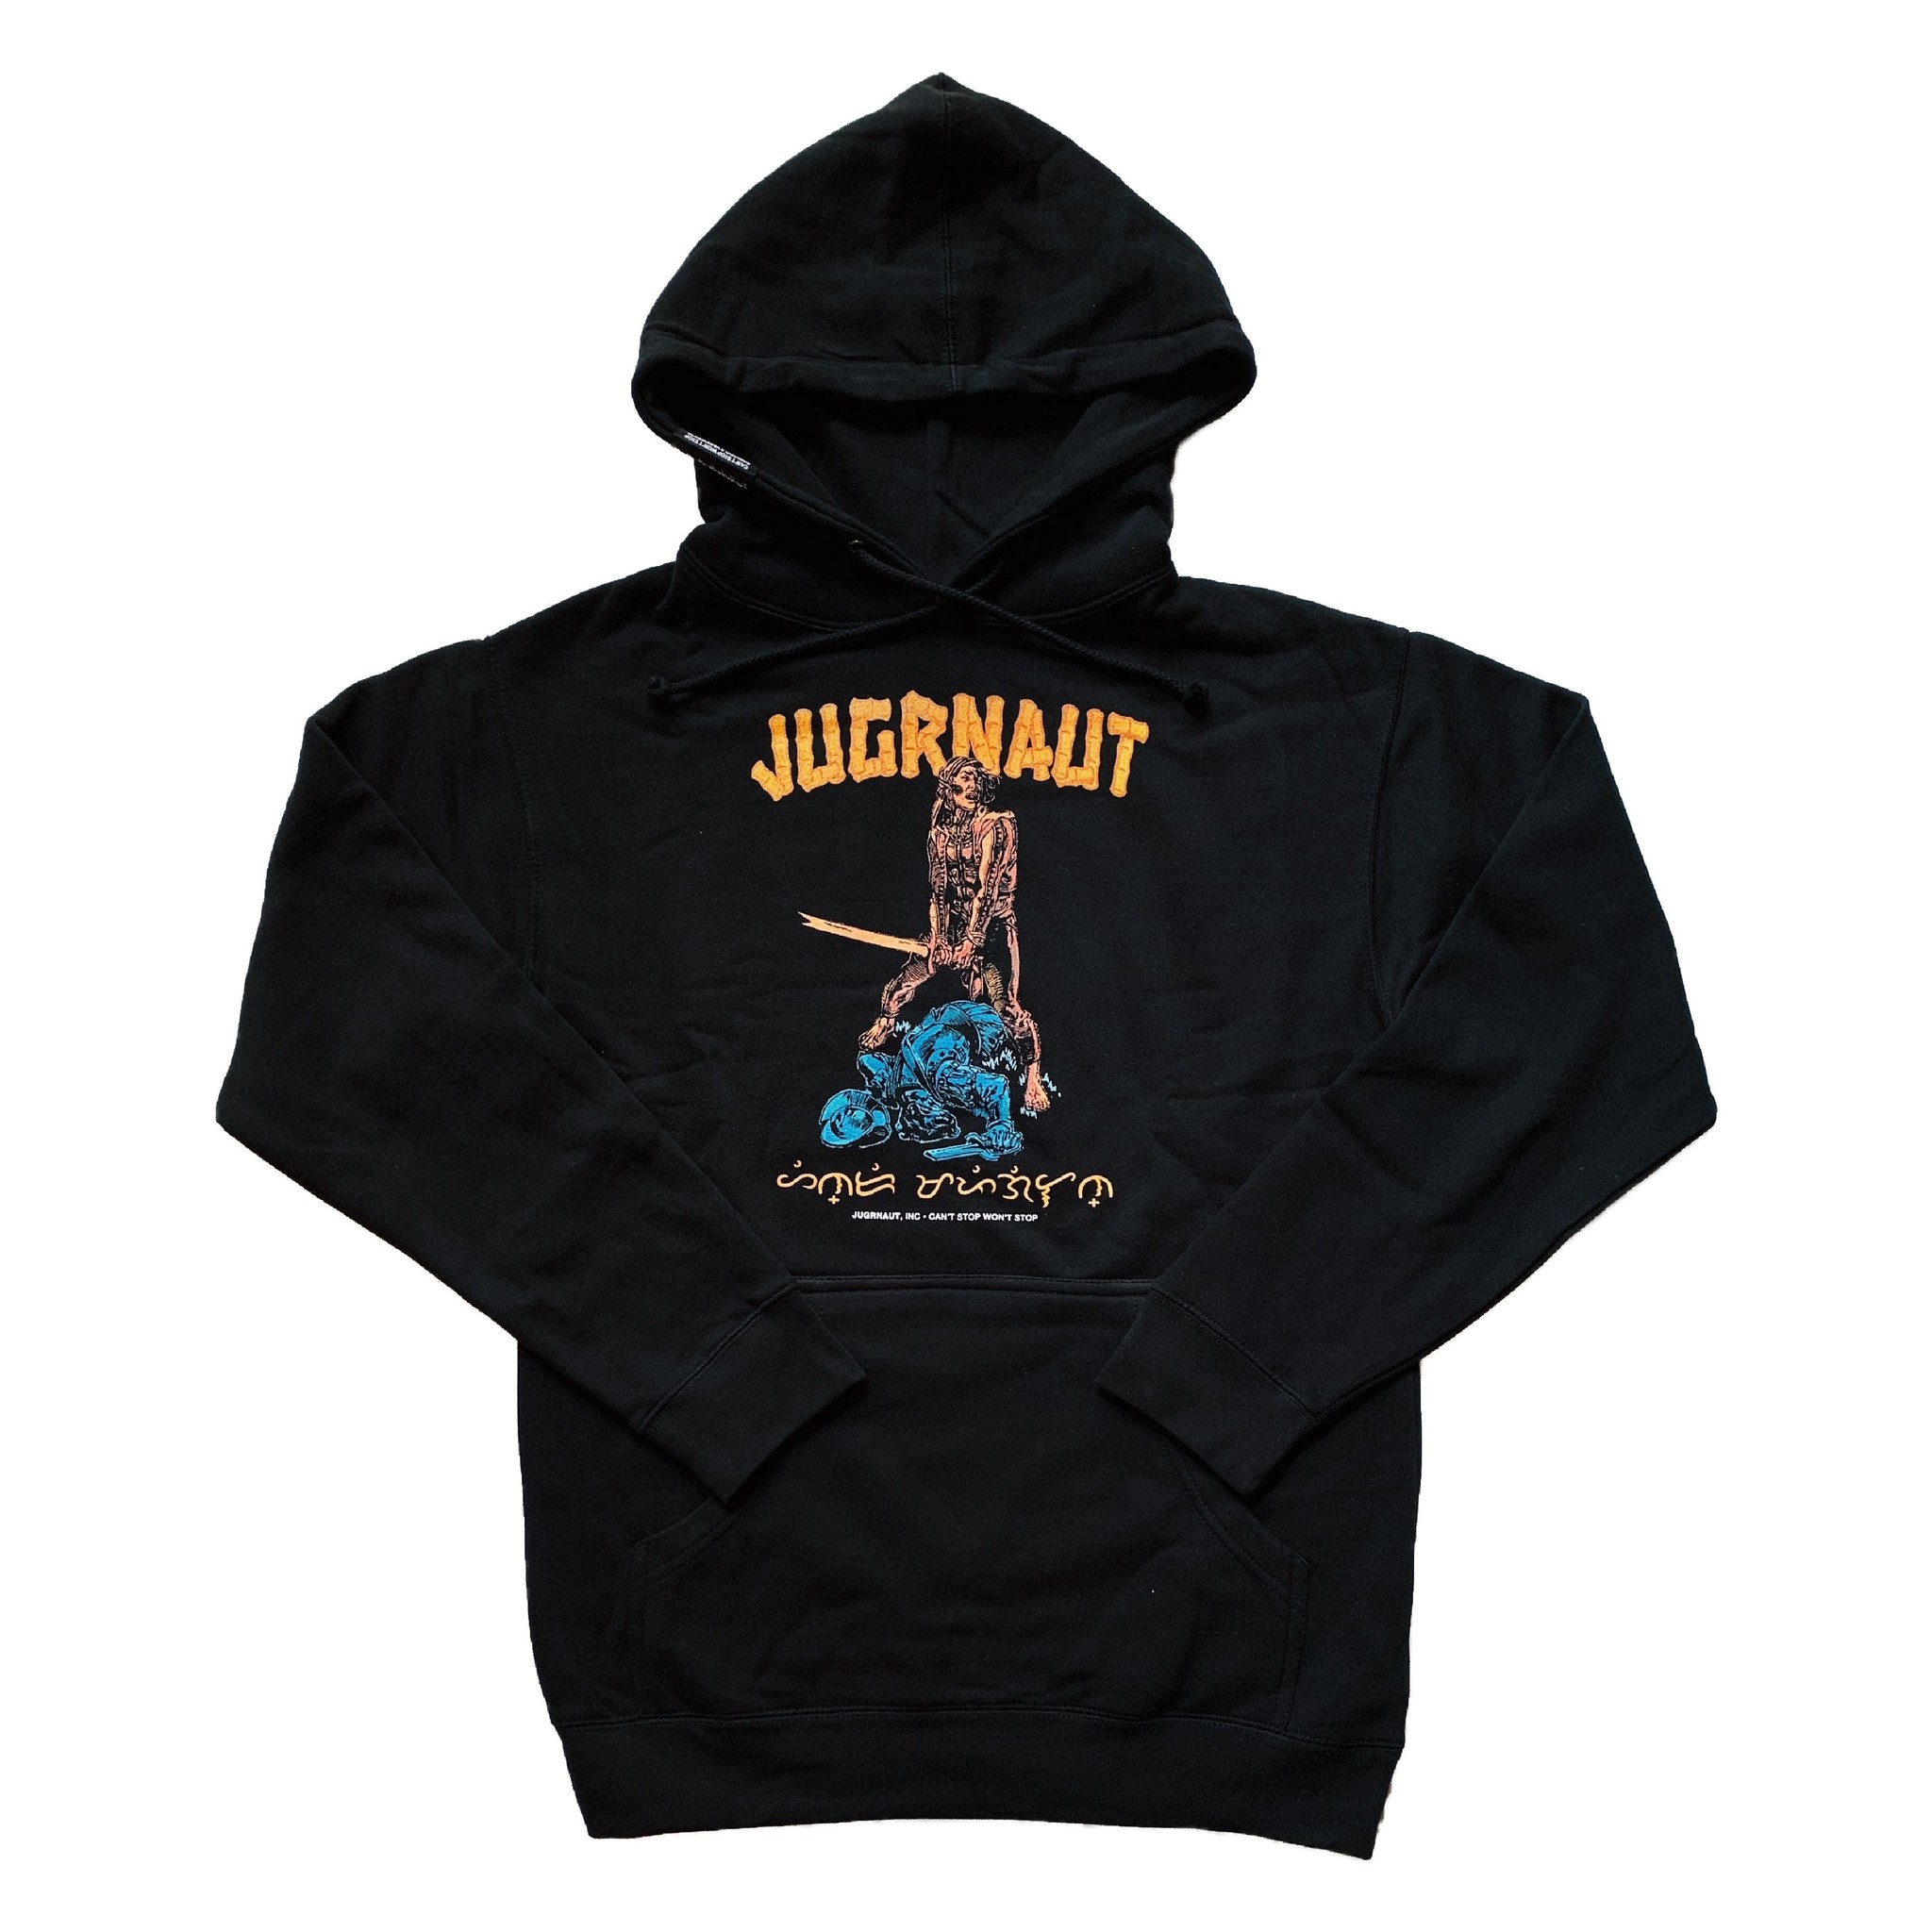 Jugrnaut Jugrnaut Lapulapu Hoody black